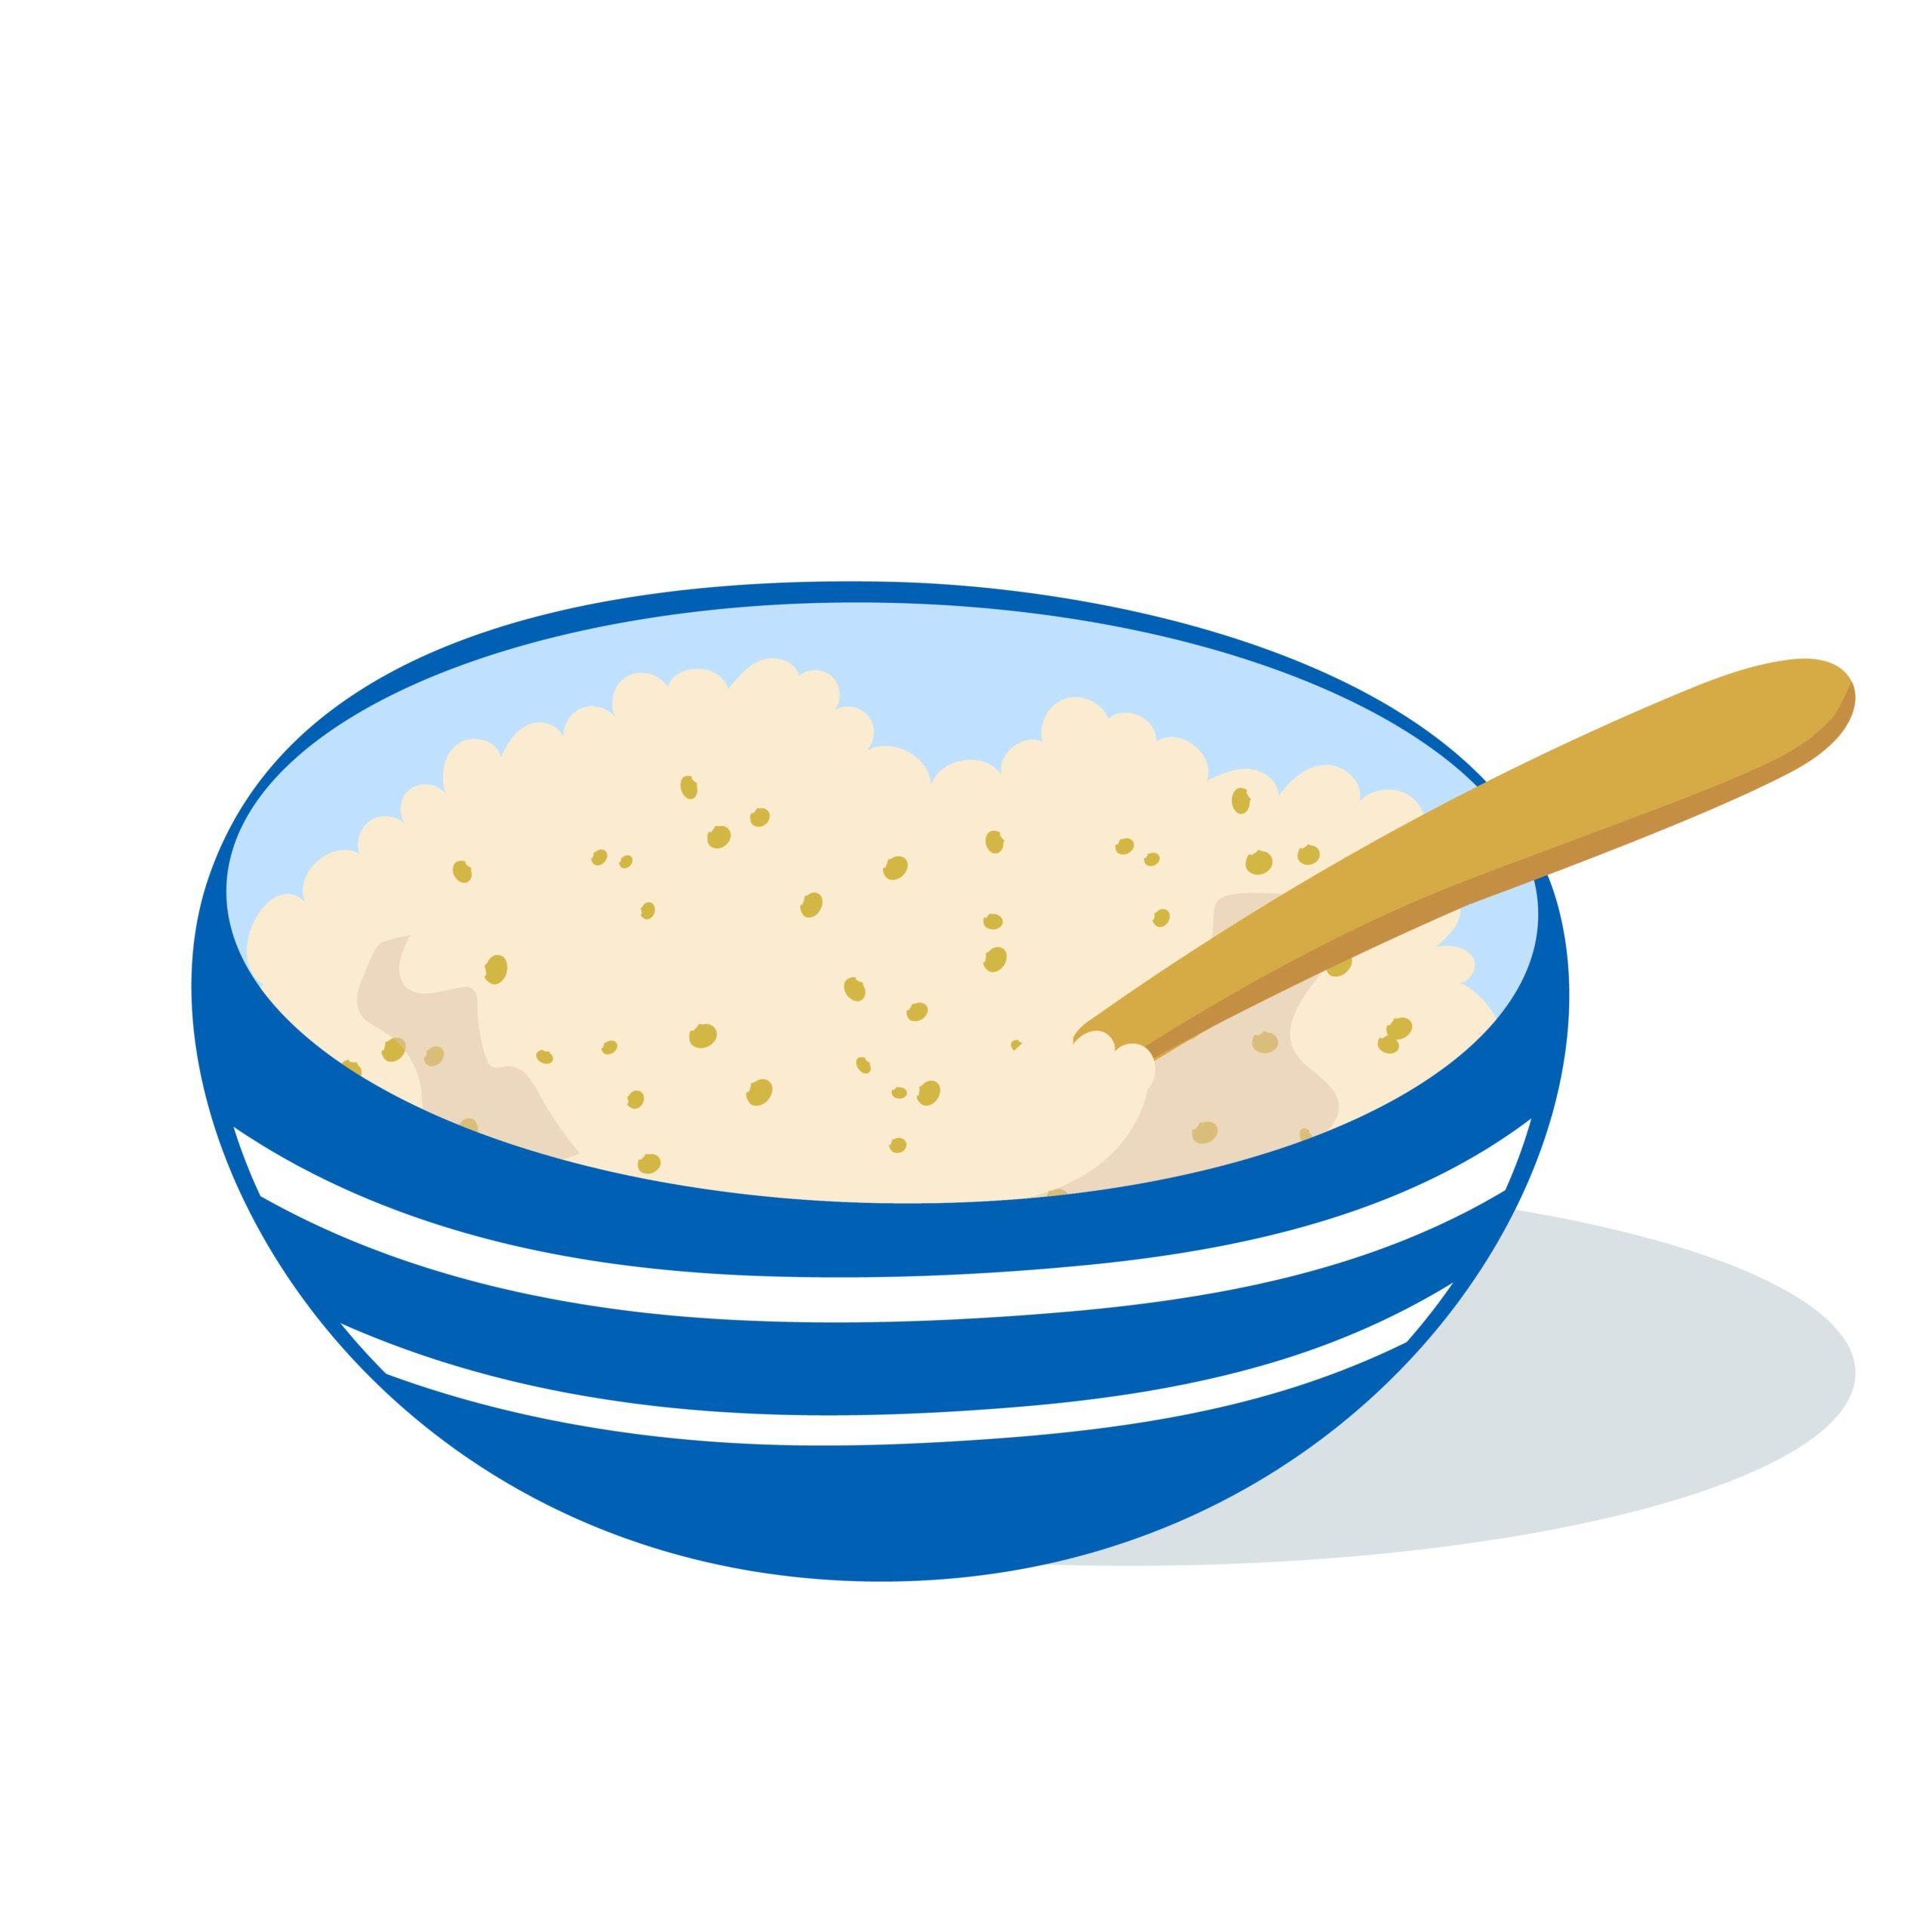 オートミール(食物繊維たっぷり、糖質低い、タンパク質多い、日持ちする)←こいつが天下取れない理由